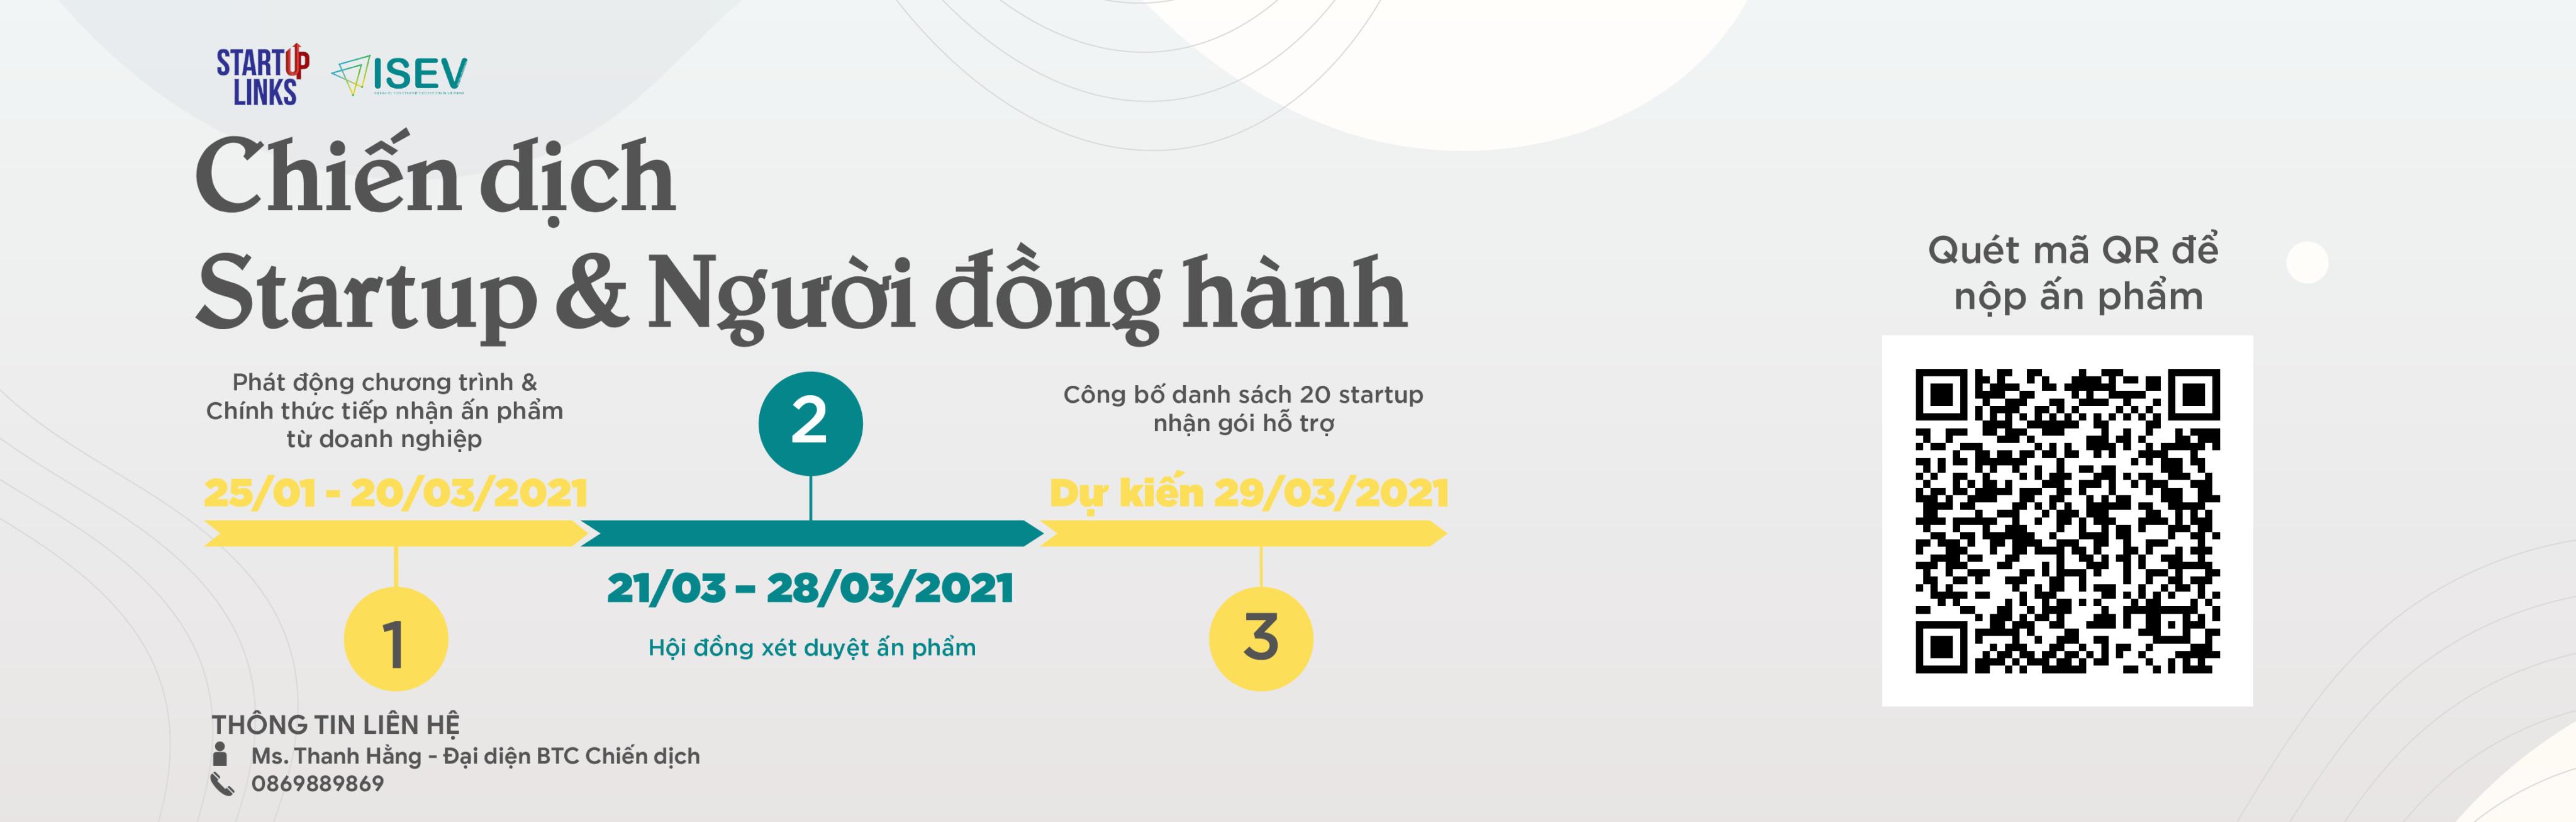 Gói hỗ trợ truyền thông trên nền tảng FPT Play, Vietcetera và Wiziin dành cho startup trong khuôn khổ nhiệm vụ Đề án 844